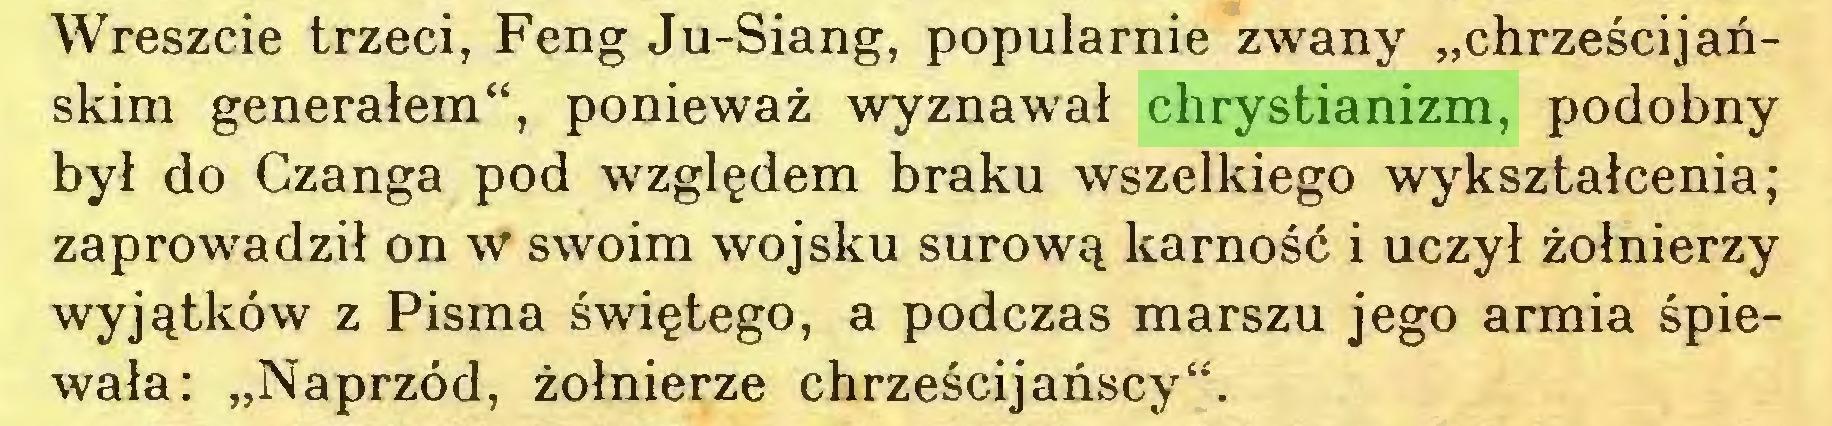 """(...) Wreszcie trzeci, Feng Ju-Siang, popularnie zwany """"chrześcijańskim generałem"""", ponieważ wyznawał chrystianizm, podobny był do Czanga pod względem braku wszelkiego wykształcenia; zaprowadził on w swoim wojsku surową karność i uczył żołnierzy wyjątków z Pisma świętego, a podczas marszu jego armia śpiewała: """"Naprzód, żołnierze chrześcijańscy""""..."""